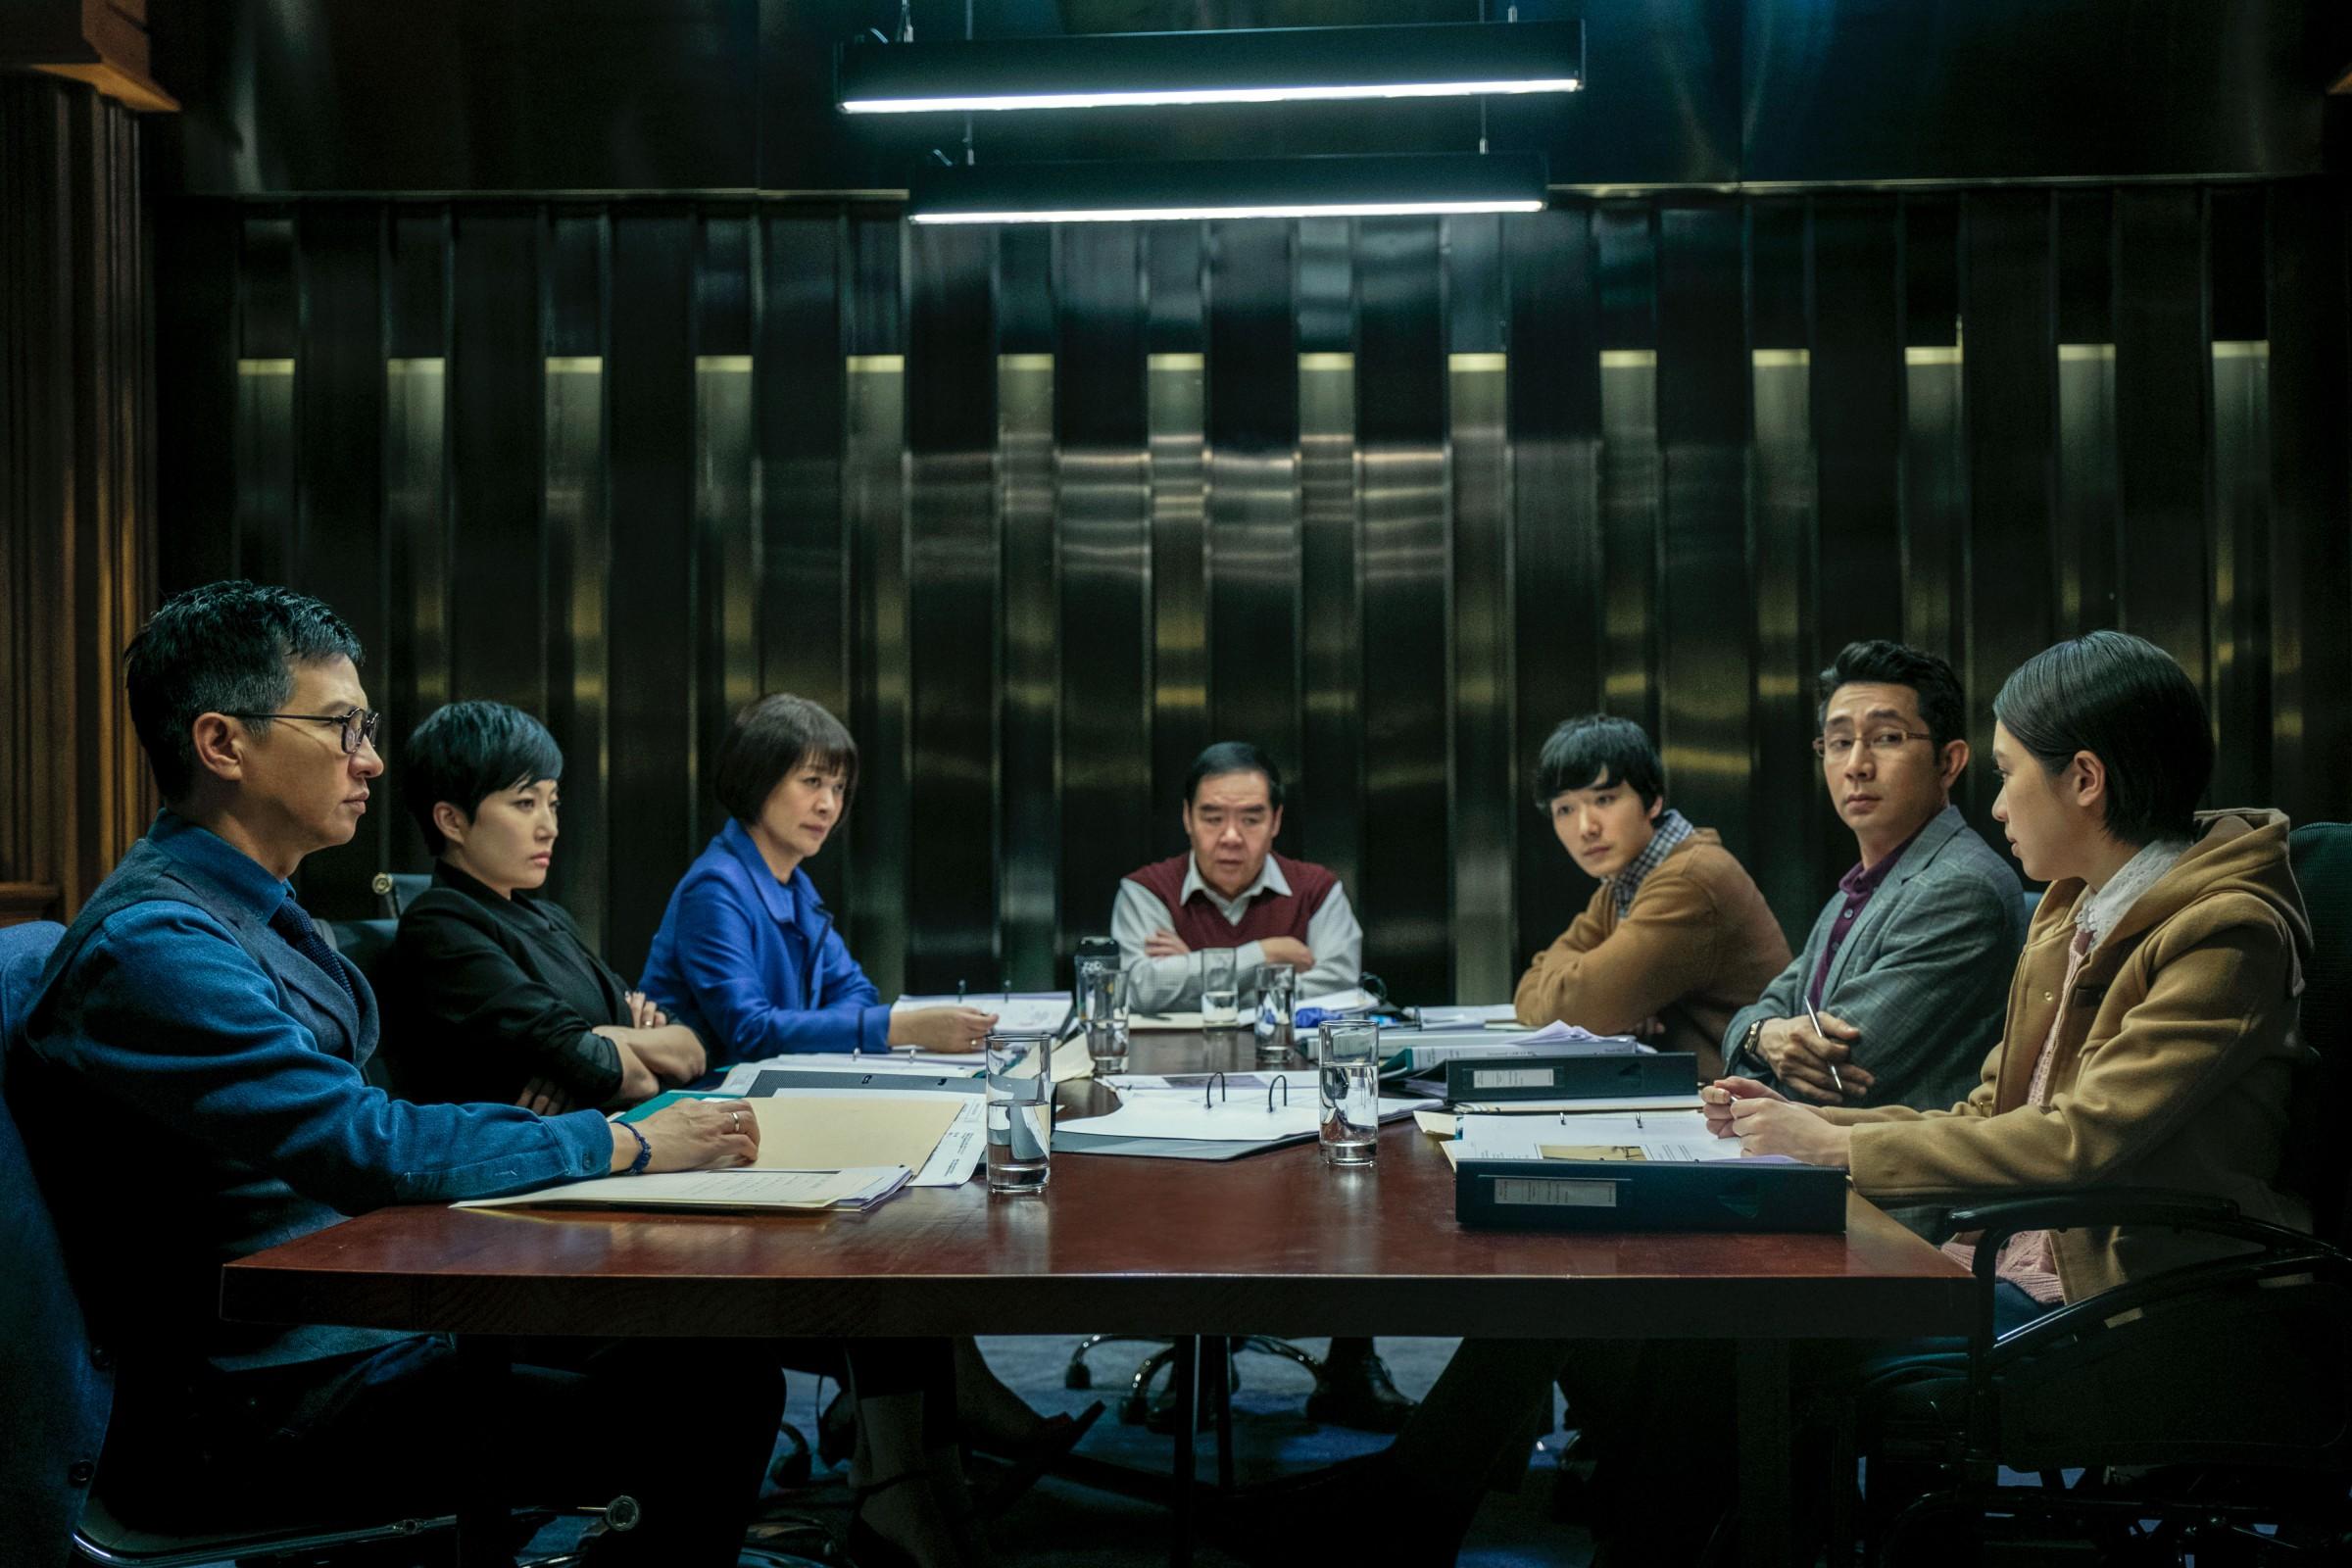 《催眠.裁決》犯罪動作新題材 齊名《我不是藥神》獲劇本獎